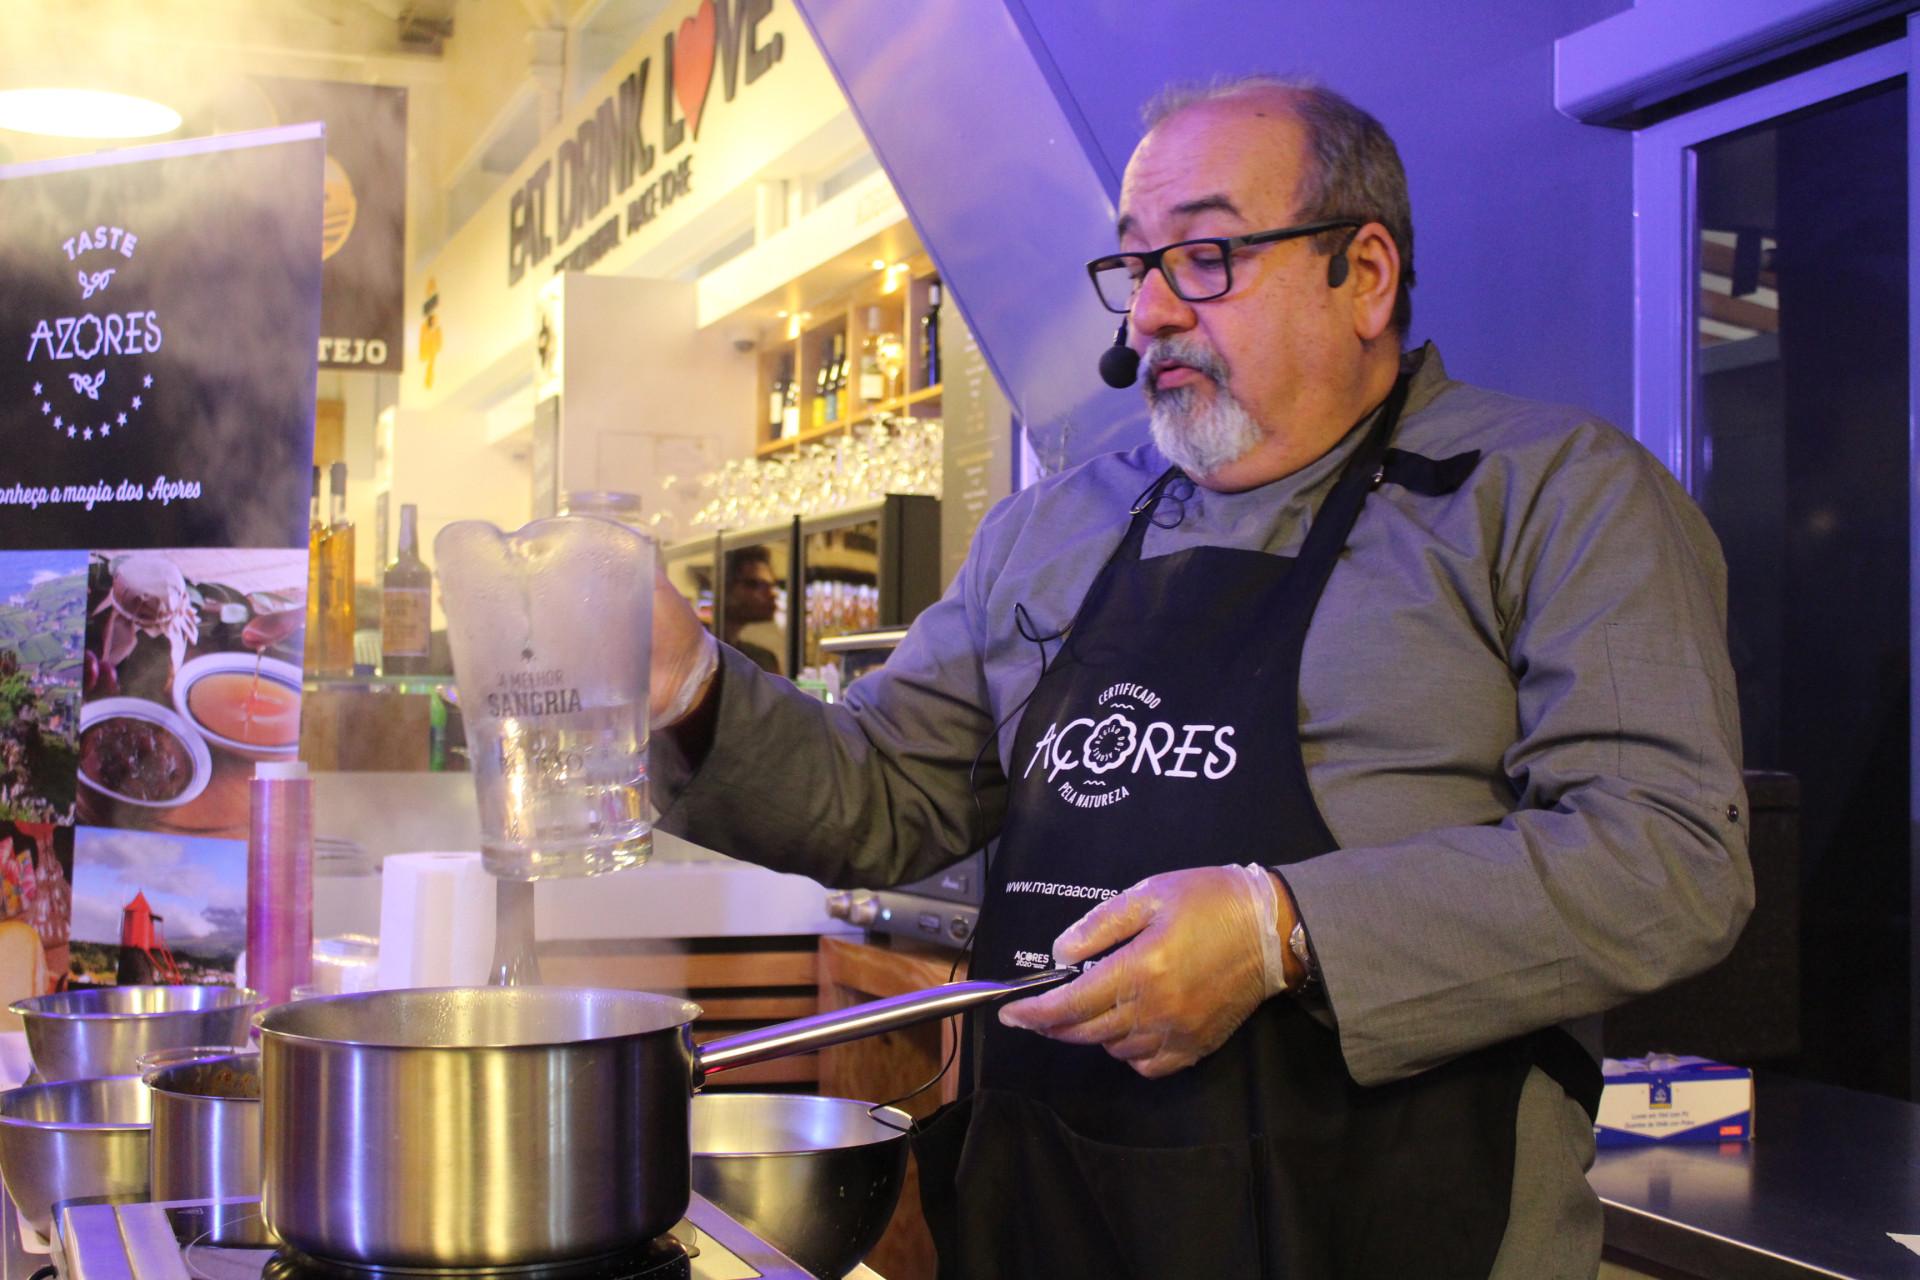 Luís Filipe Borges e Luís Jardim atuam esta semana no Mercado de Algés